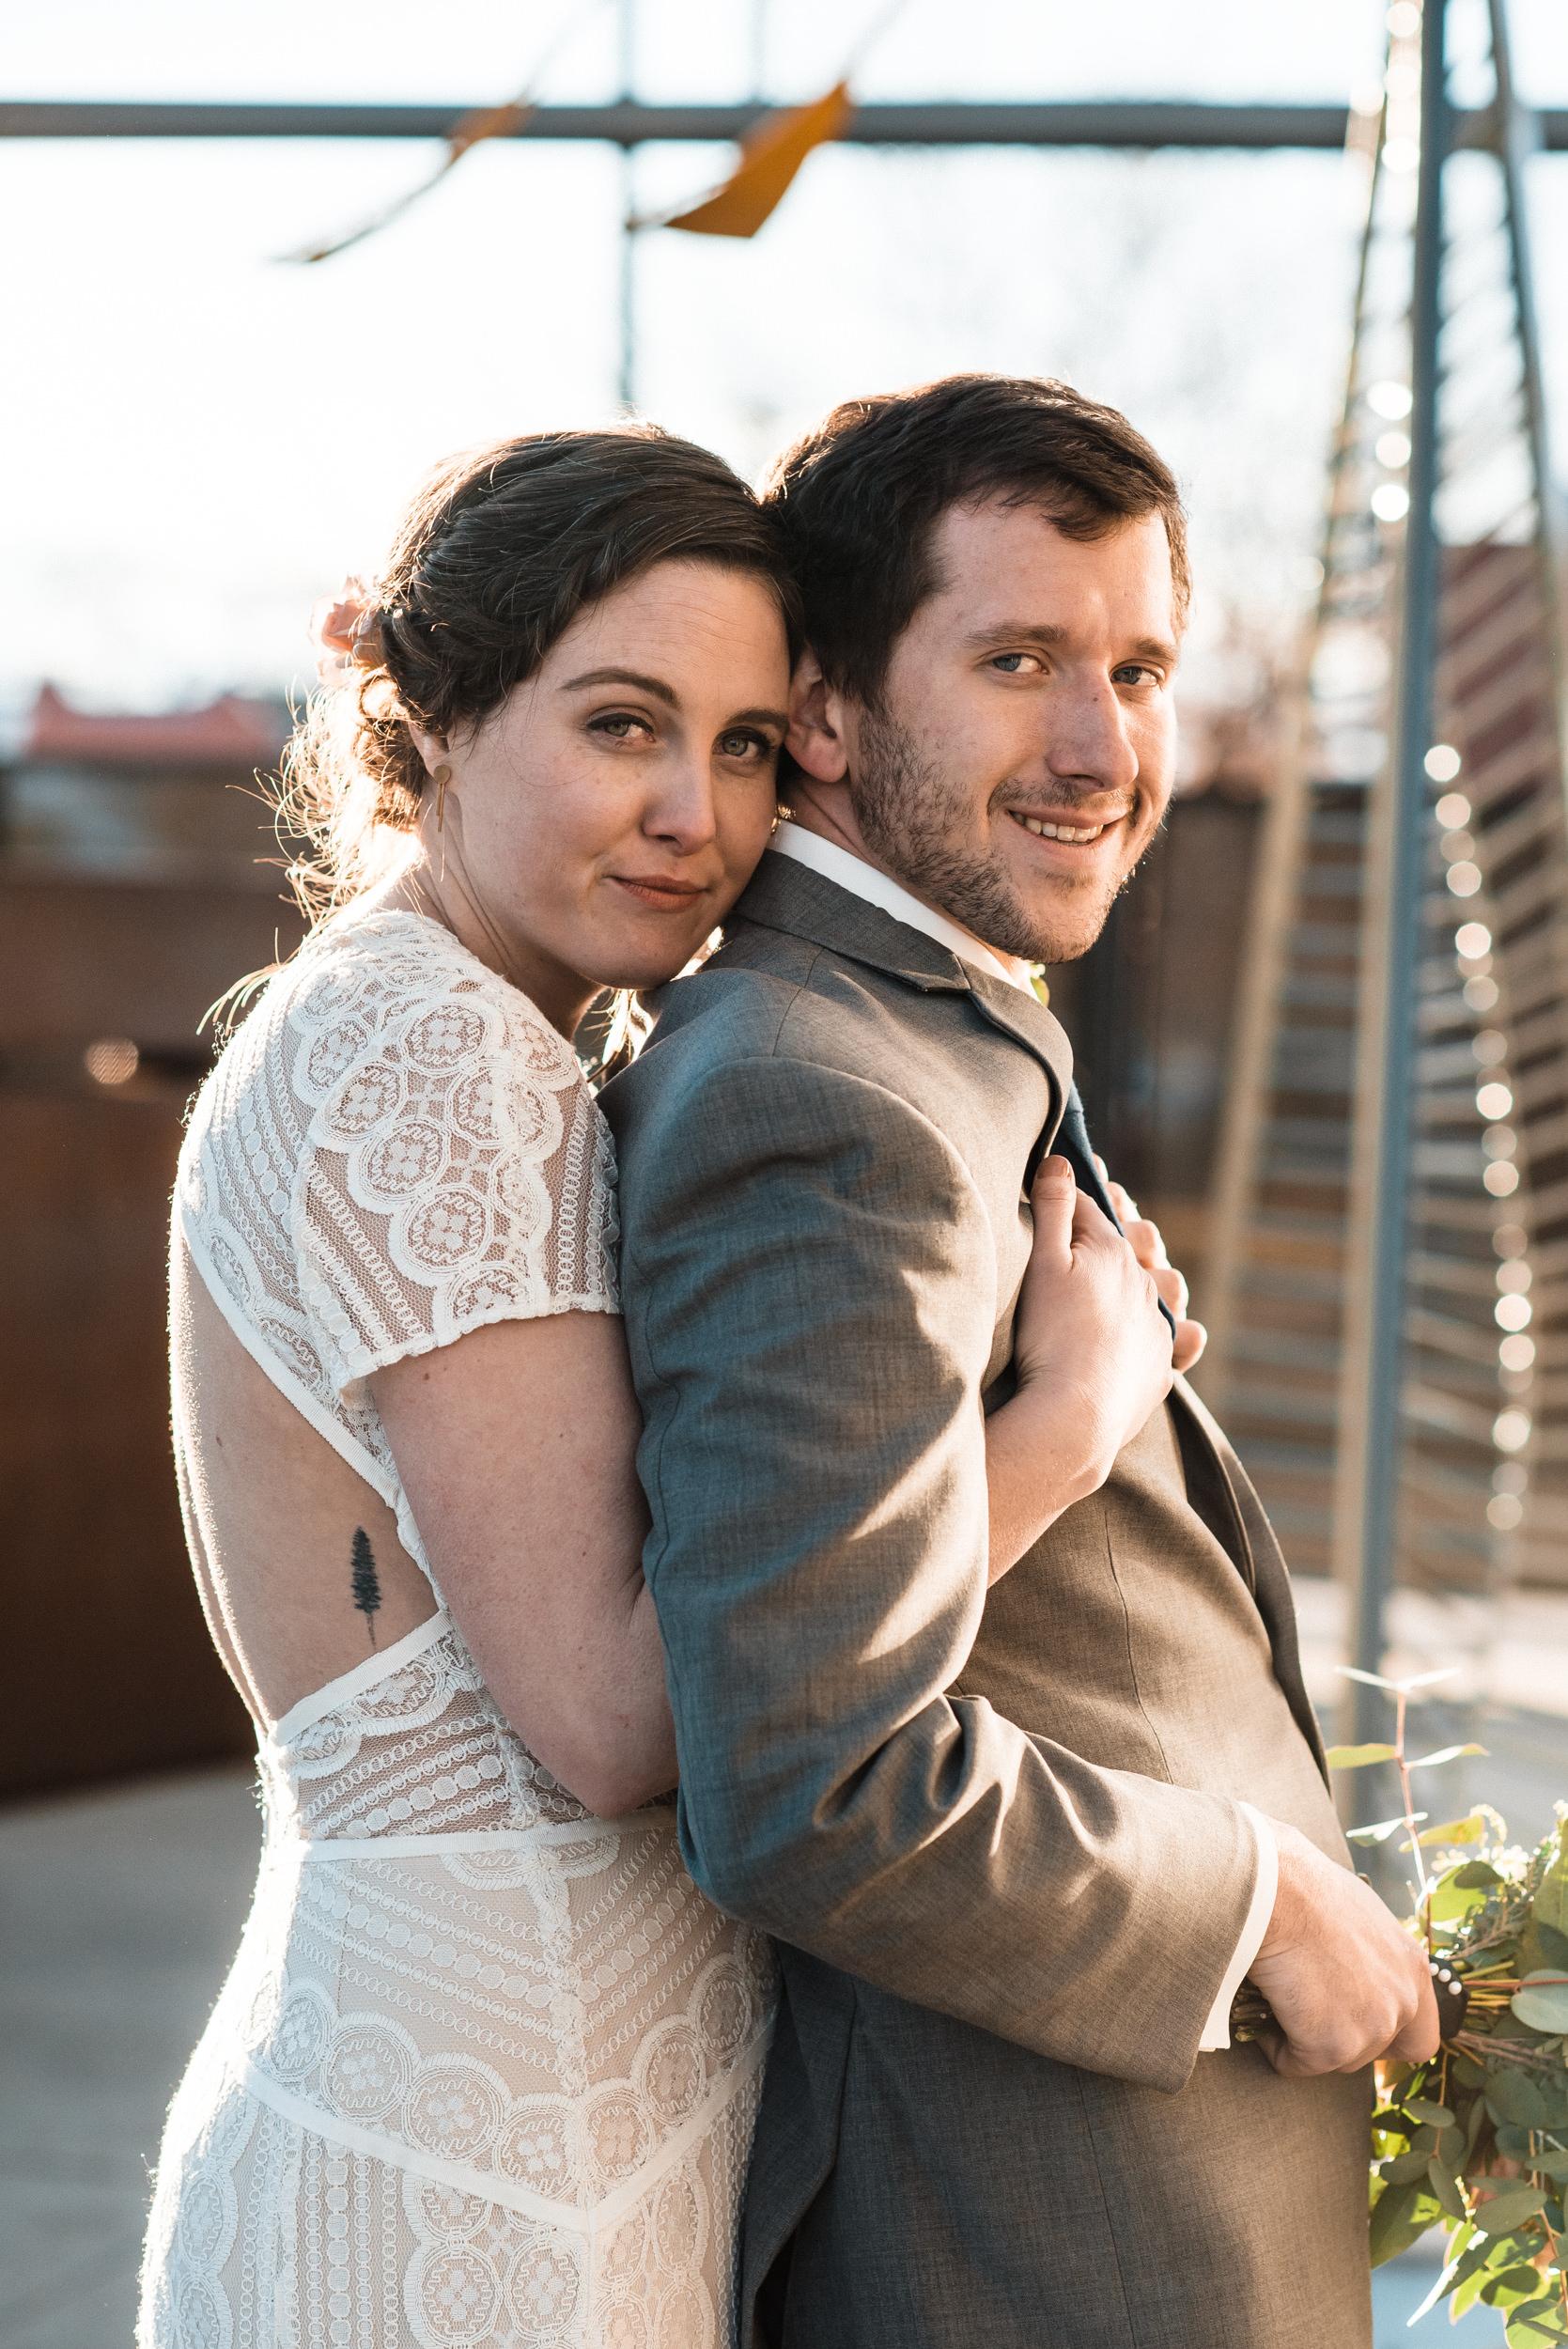 Space Gallery wedding portraits in Denver, Colorado-Colorado Kate Wedding Photography